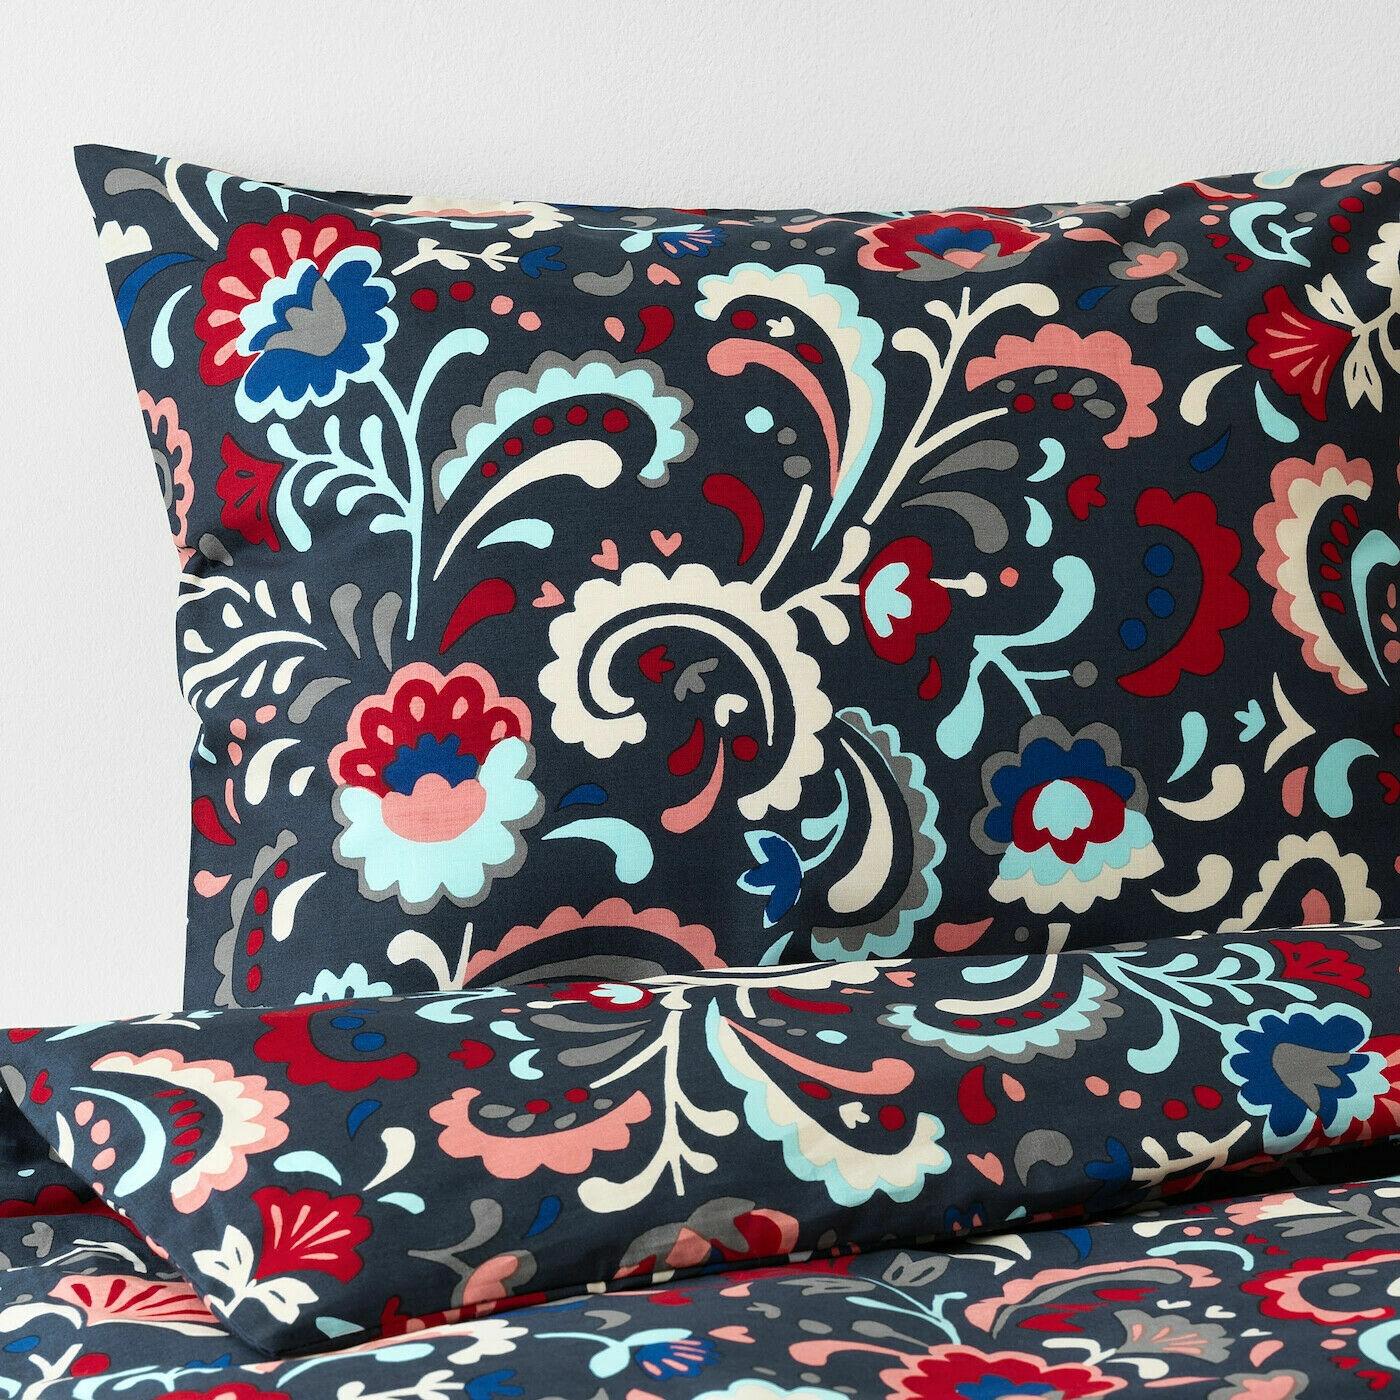 New IKEA KRATTEN King Duvet cover and 2 pillowcases, dark Blau, multiFarbe